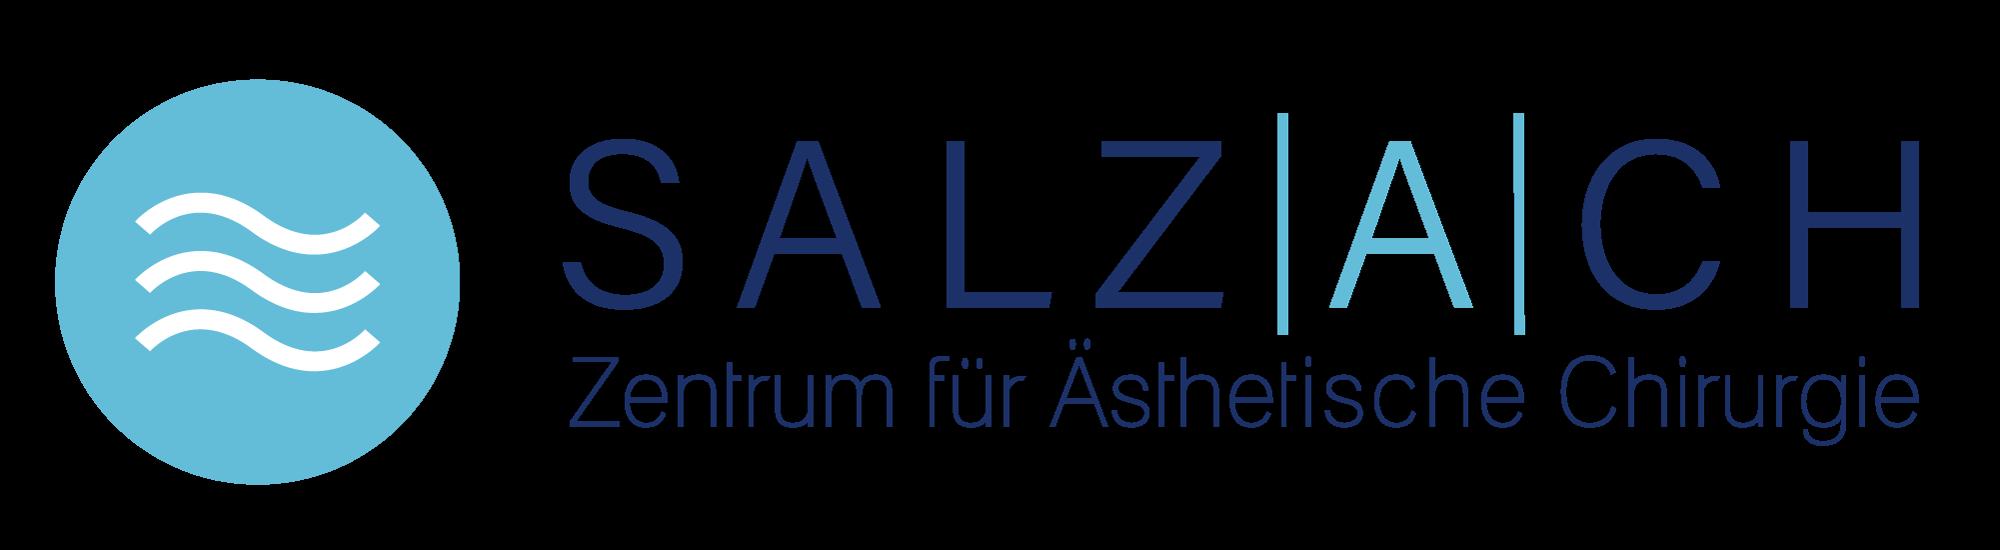 Plastische Chirurgie Salzburg – SALZACH